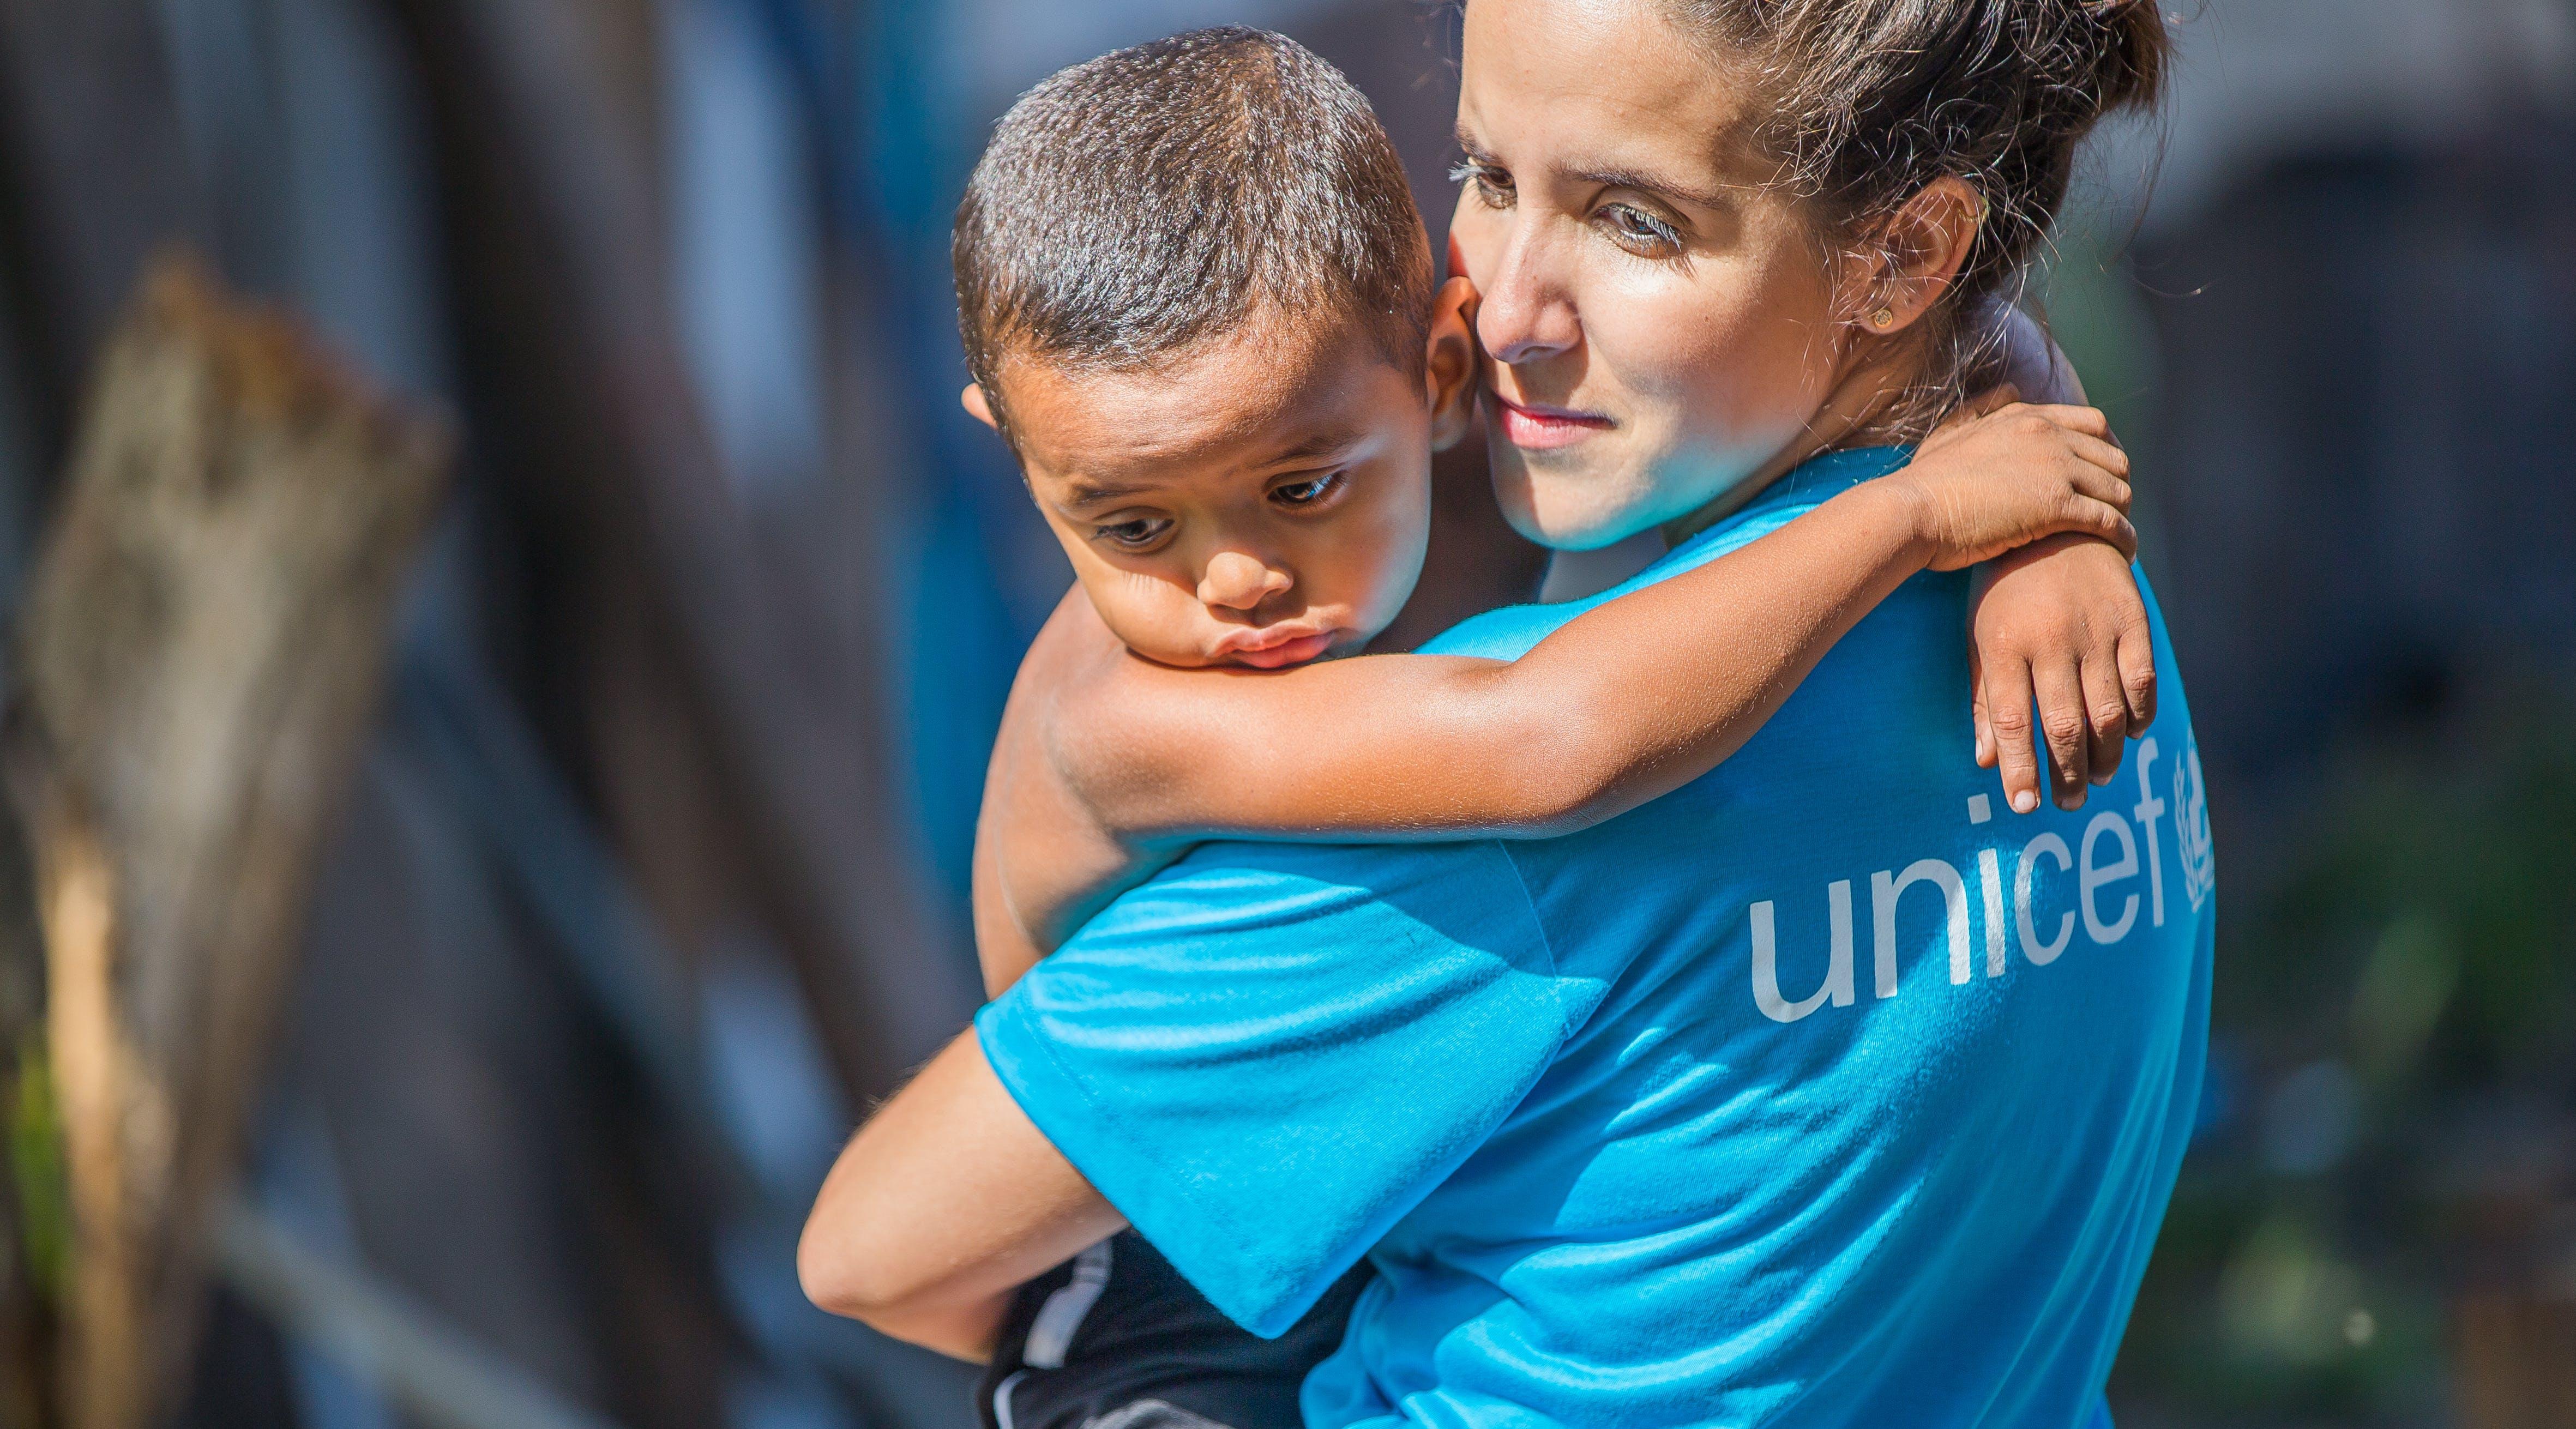 Brasile, un'operatrice UNICEF tiene in braccio un bambino.